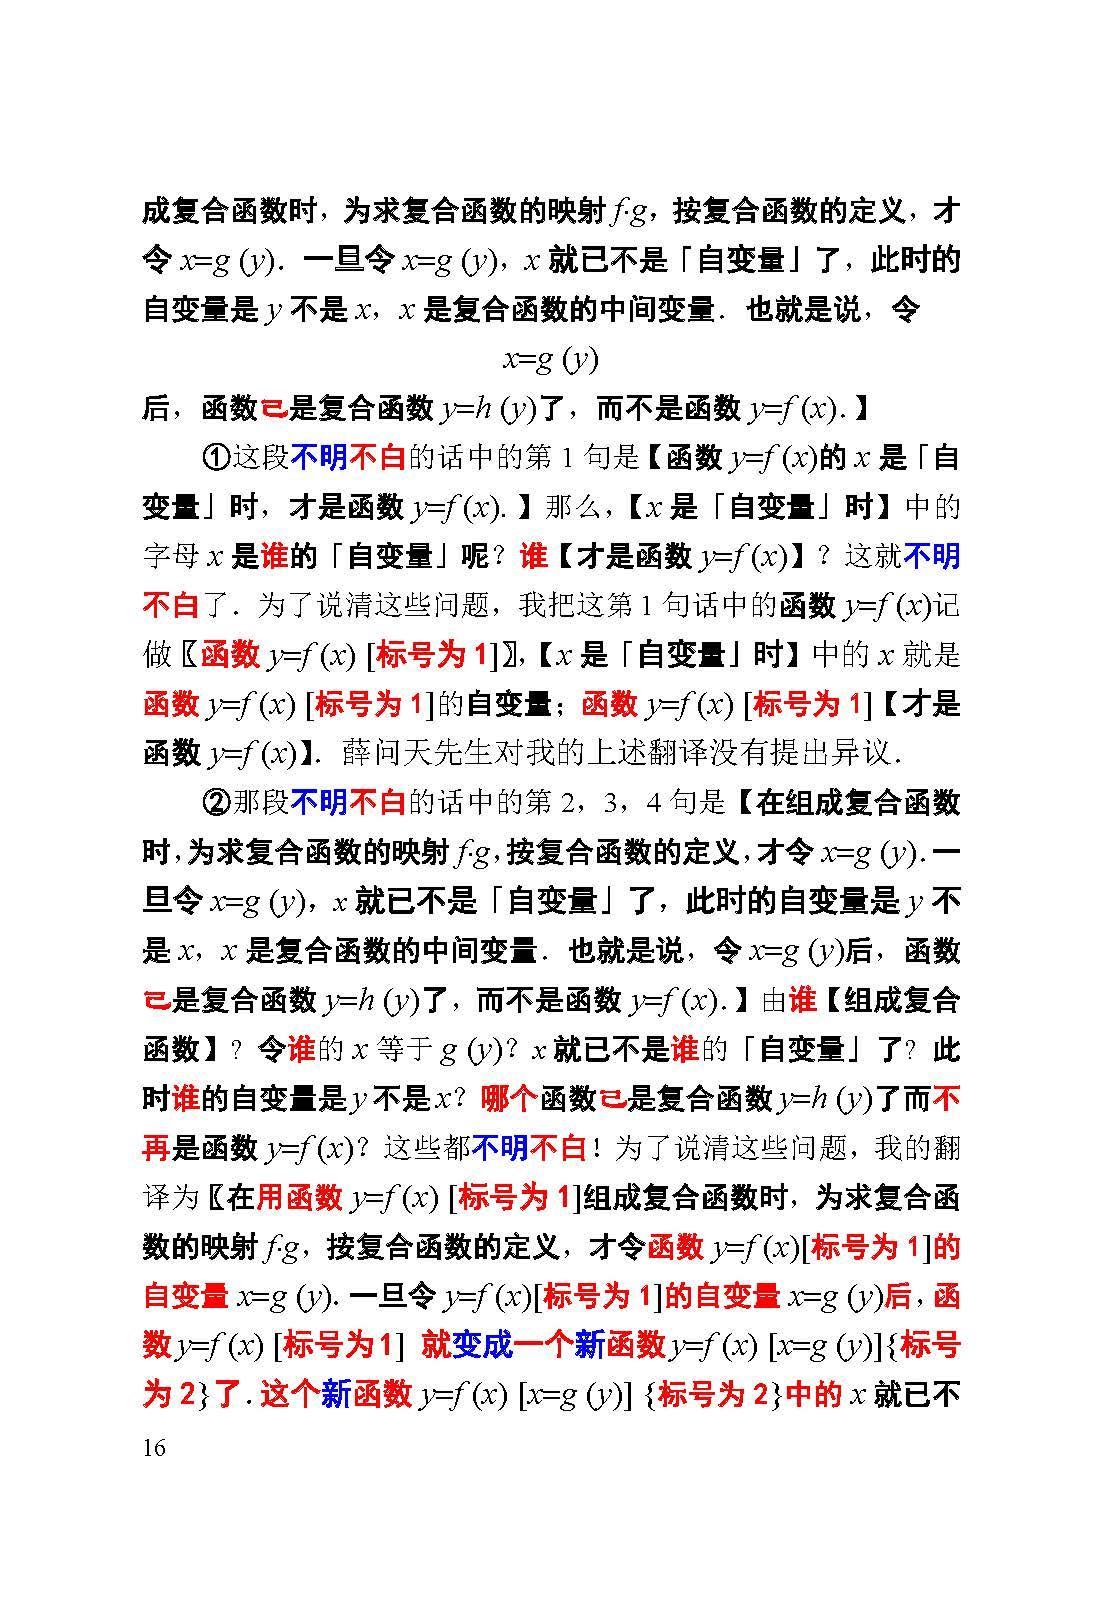 评薛问天先生的文章0428_页面_16.jpg